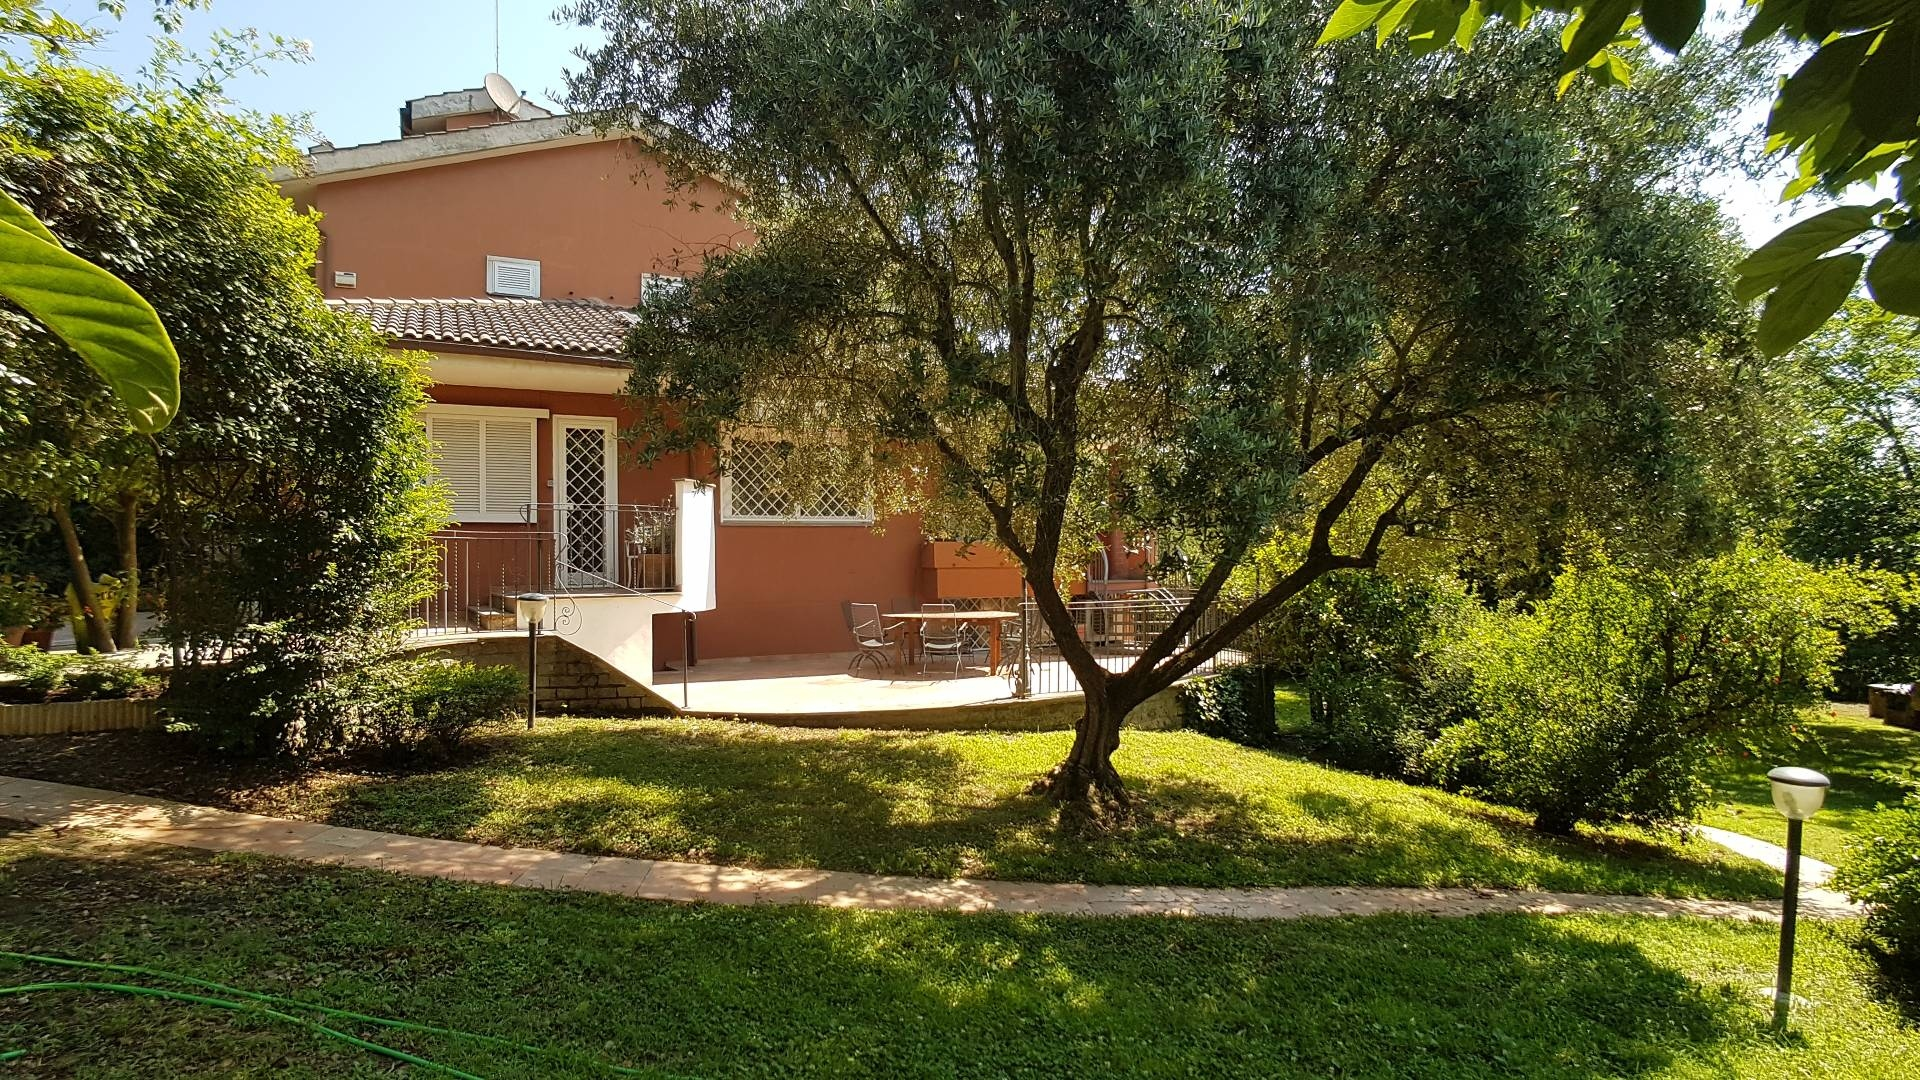 Soluzione Semindipendente in affitto a Formello, 8 locali, zona Località: PratoRoseto, prezzo € 1.500 | CambioCasa.it